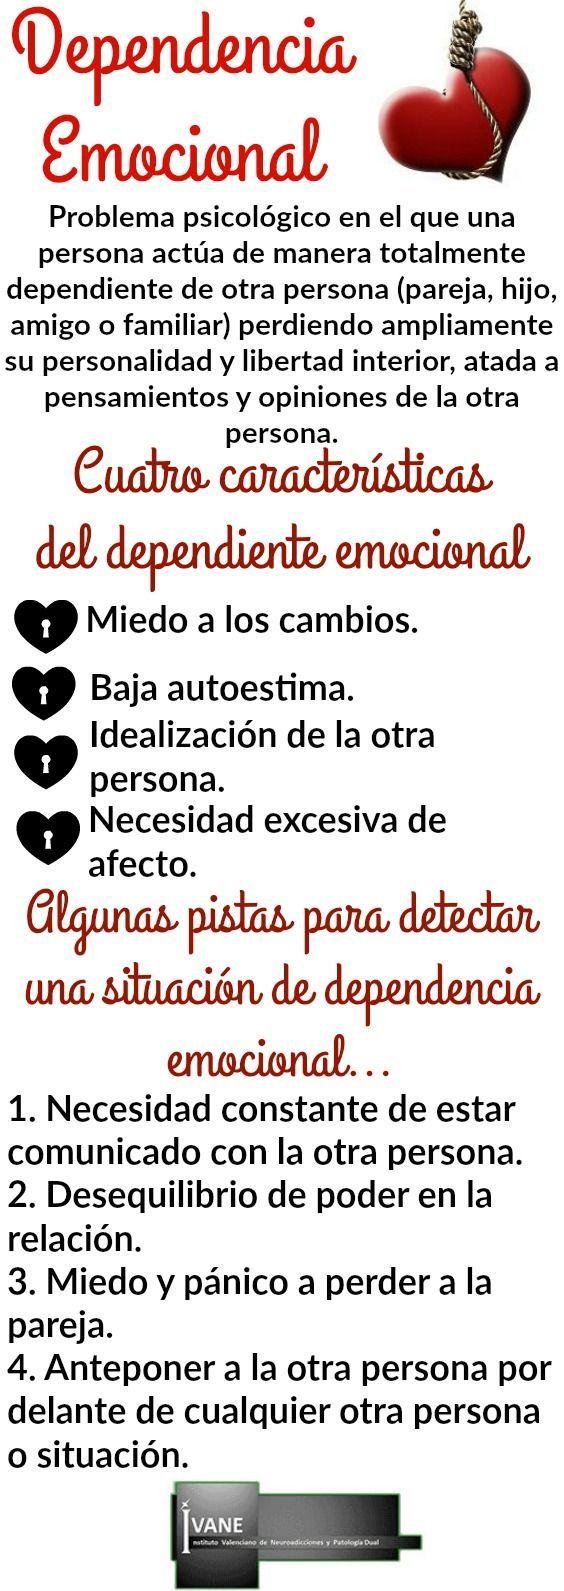 Dependencia emocional tratamiento y tips (con imágenes